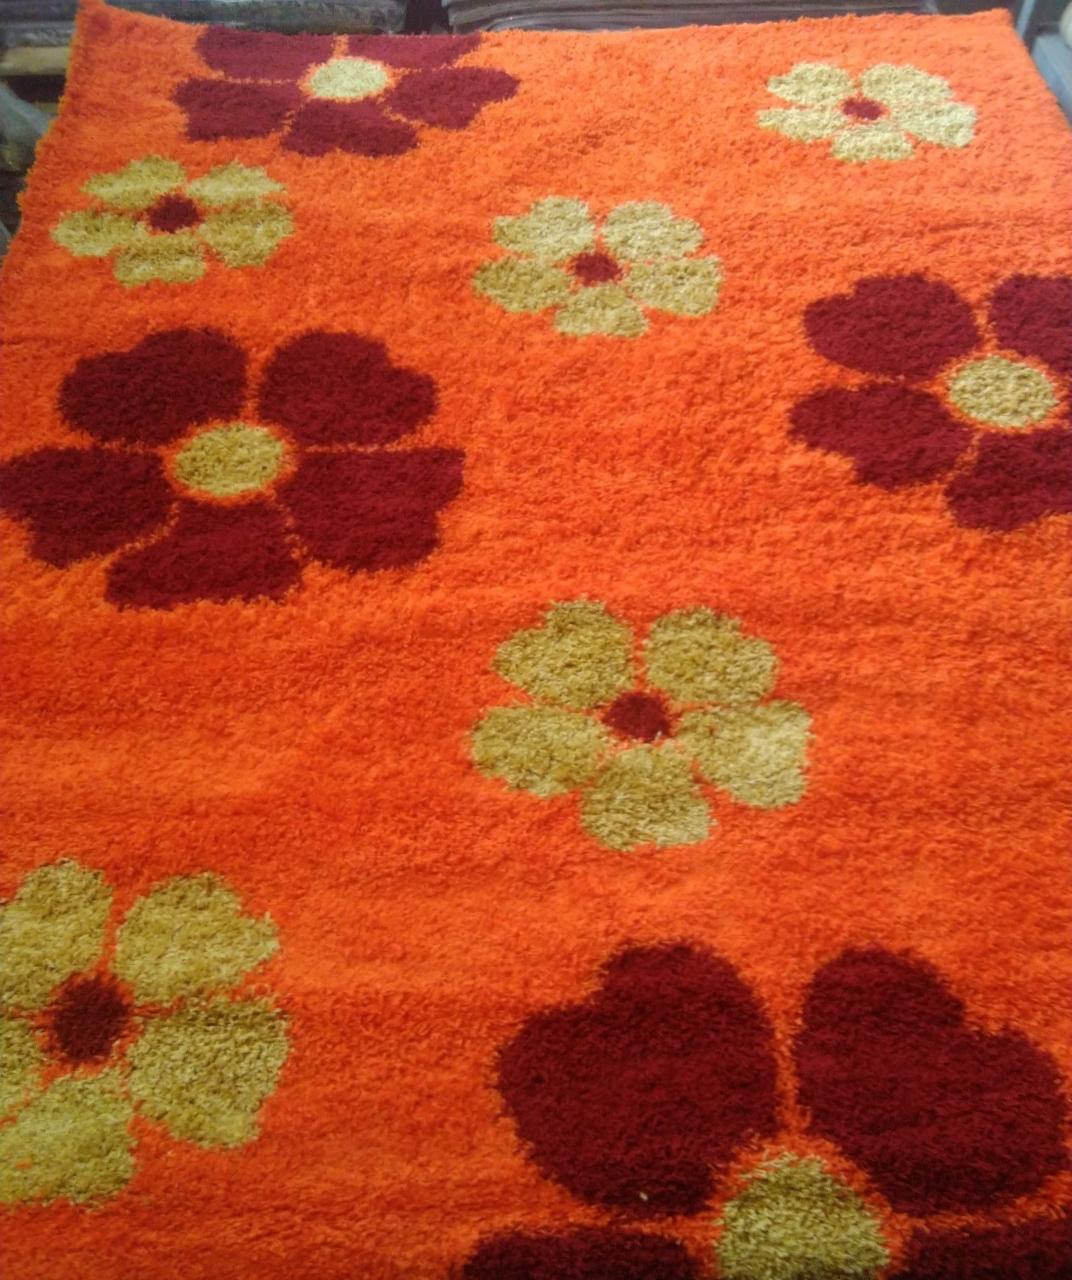 Ковер 000 - ORANGE - Прямоугольник - коллекция KEOPS SHAGGY - фото 1